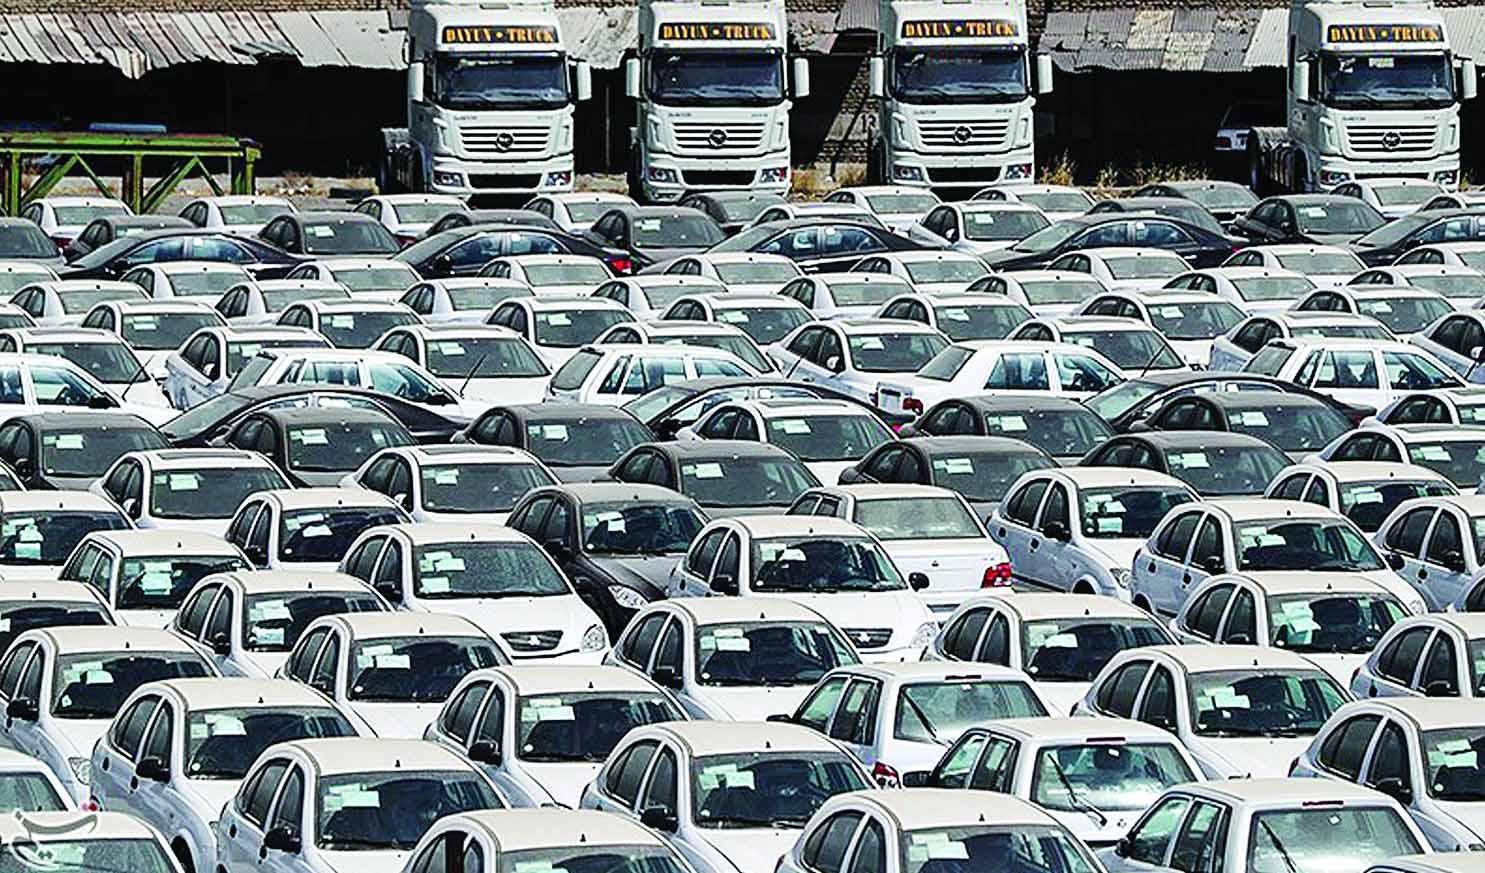 مردم قربانیان اصلی قیمتگذاری دستوری خودرو